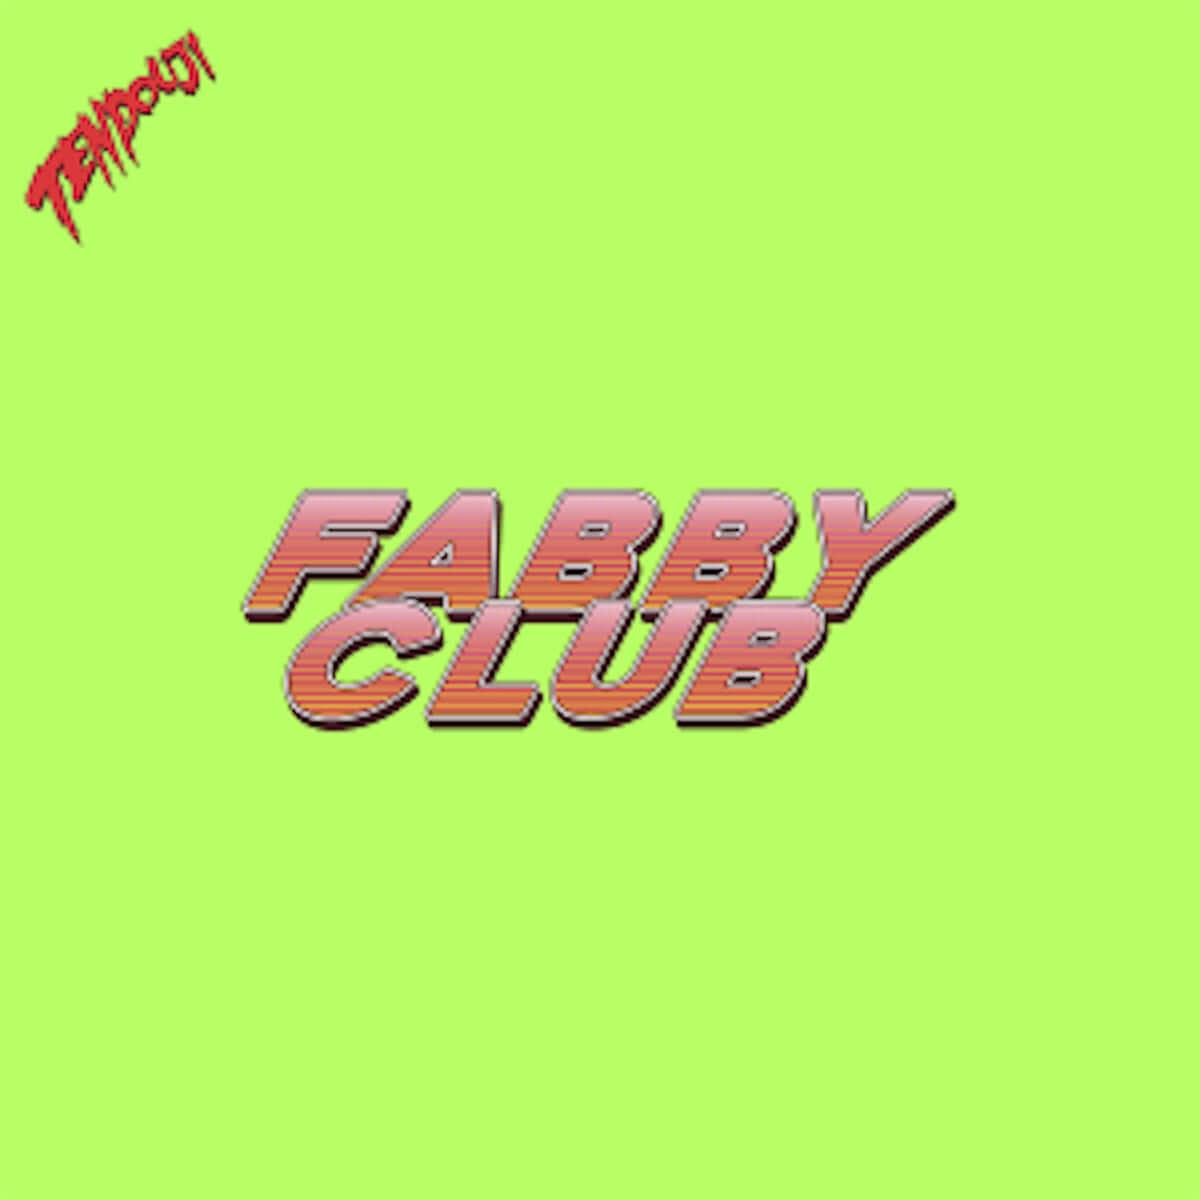 次に来るバンドはTENDOUJI!最新EP『FABBY CLUB』が大反響 music190222_tendouji_2-1200x1200